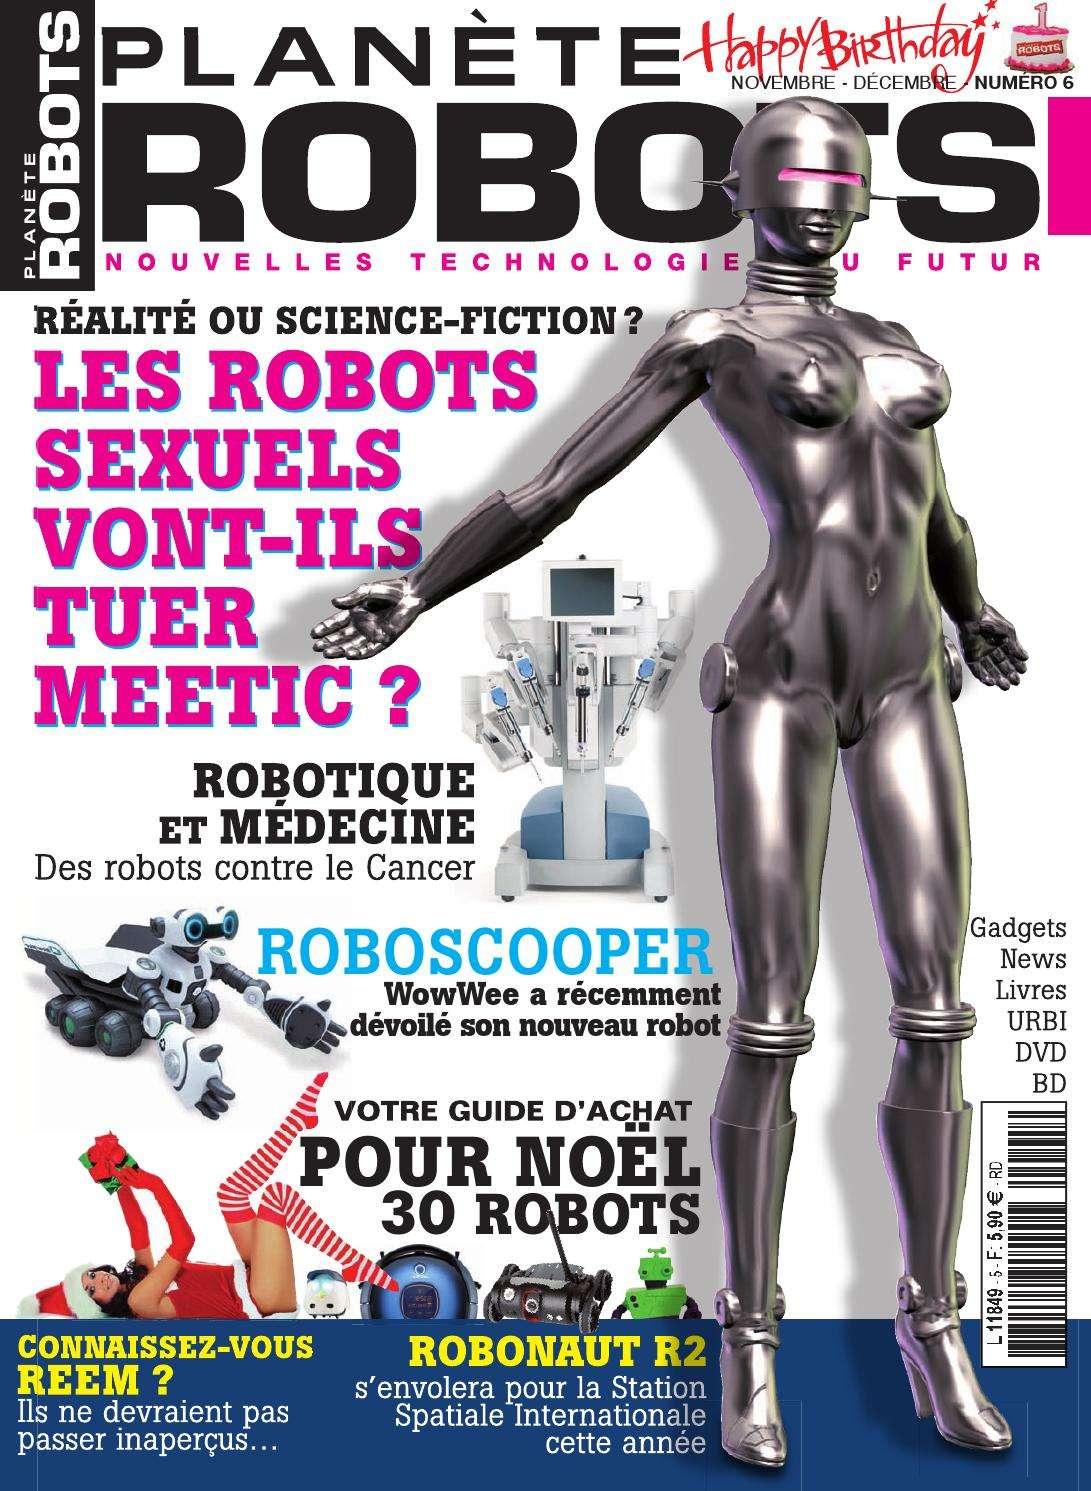 Planète Robots 6 - les Robots Sexuels vont-ils tuer meetic ?